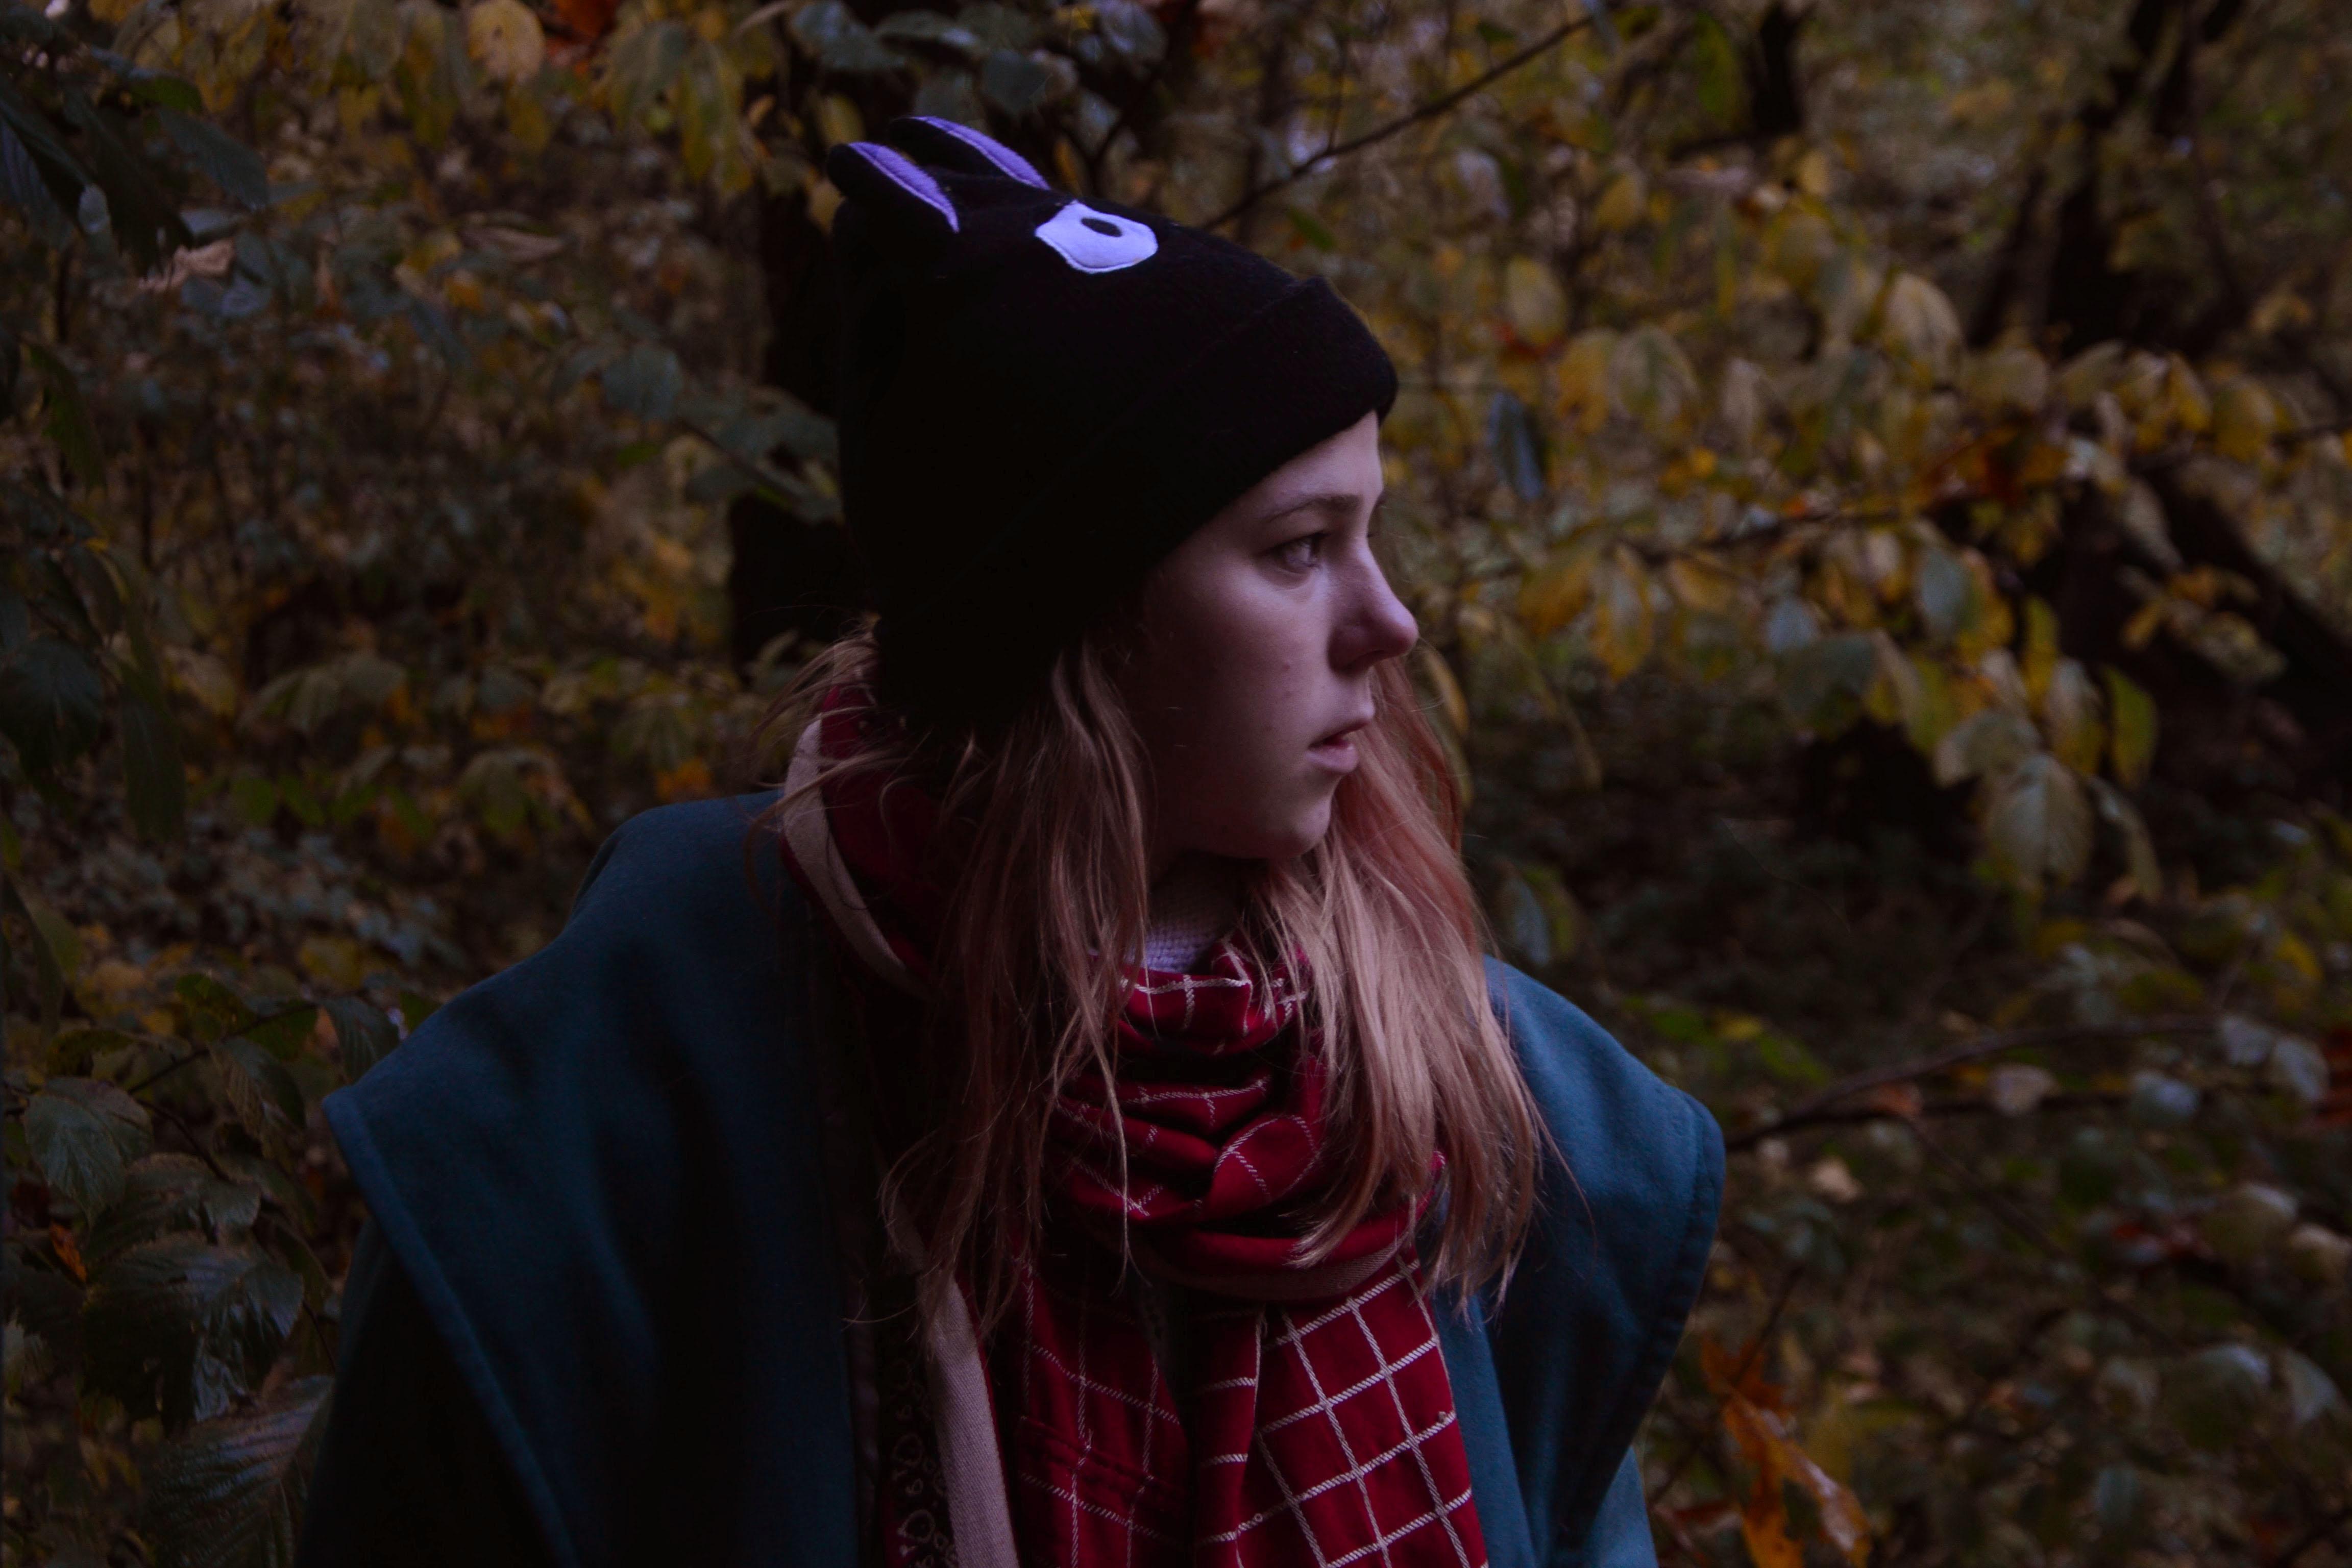 Kassandra Laur